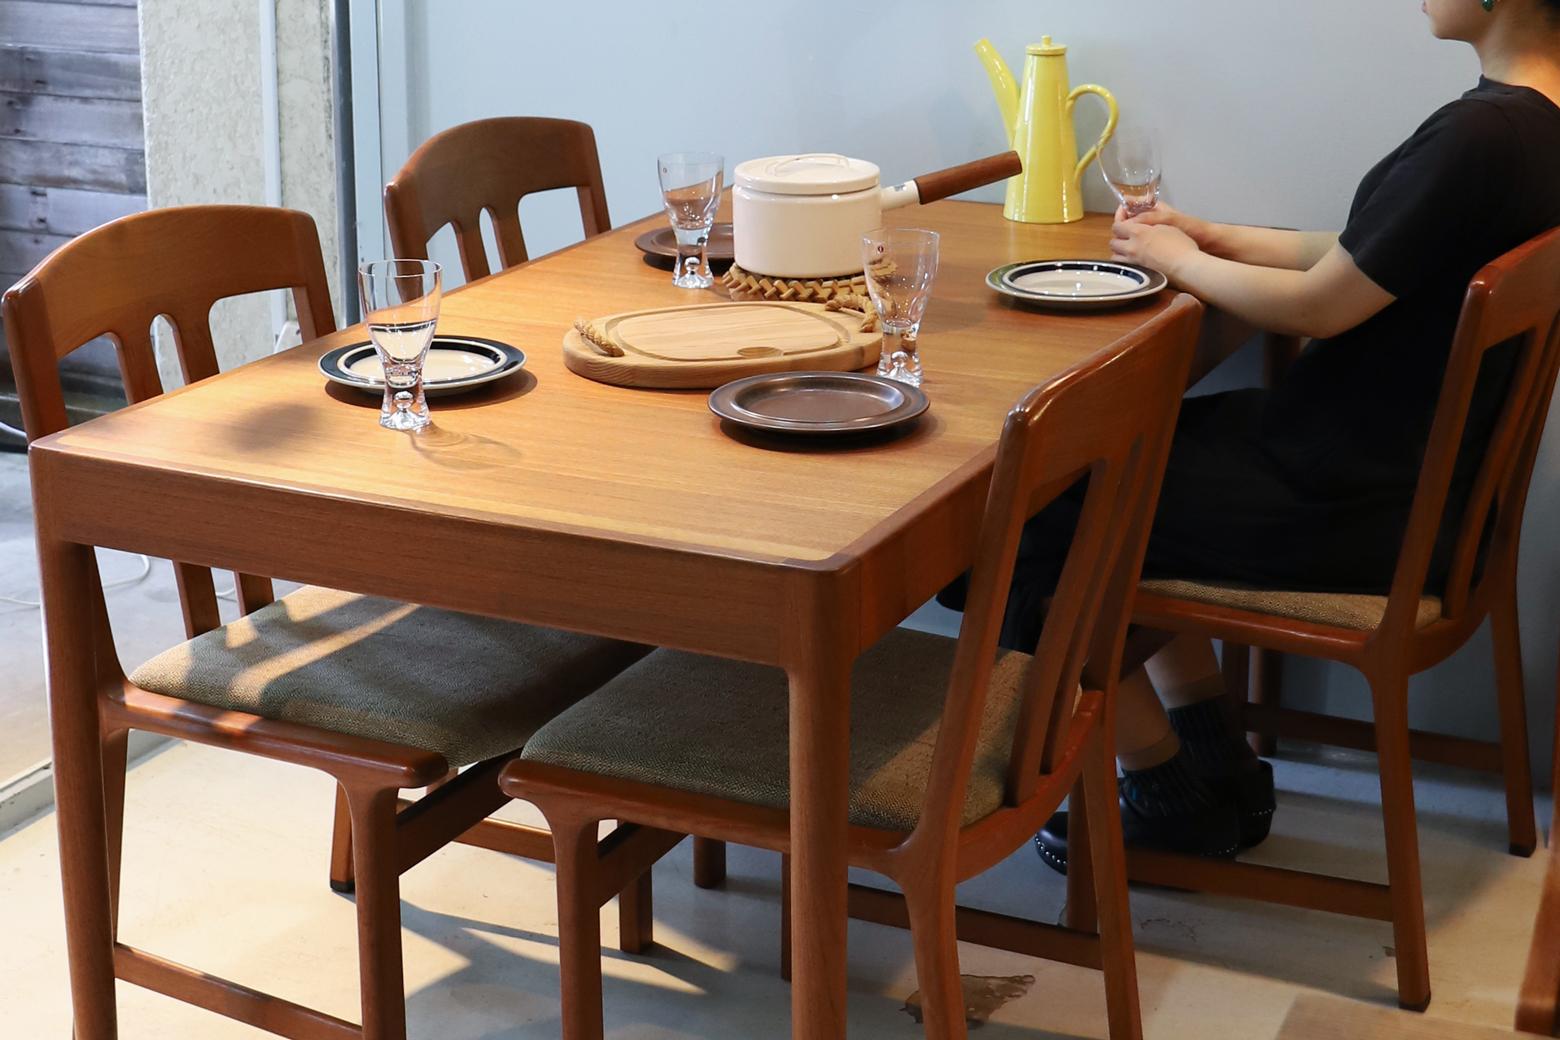 Aobayashi Seisakujo Extension Dining Table/青林製作所 エクステンション ダイニングテーブル チーク材 ジャパンヴィンテージ 北欧デザイン